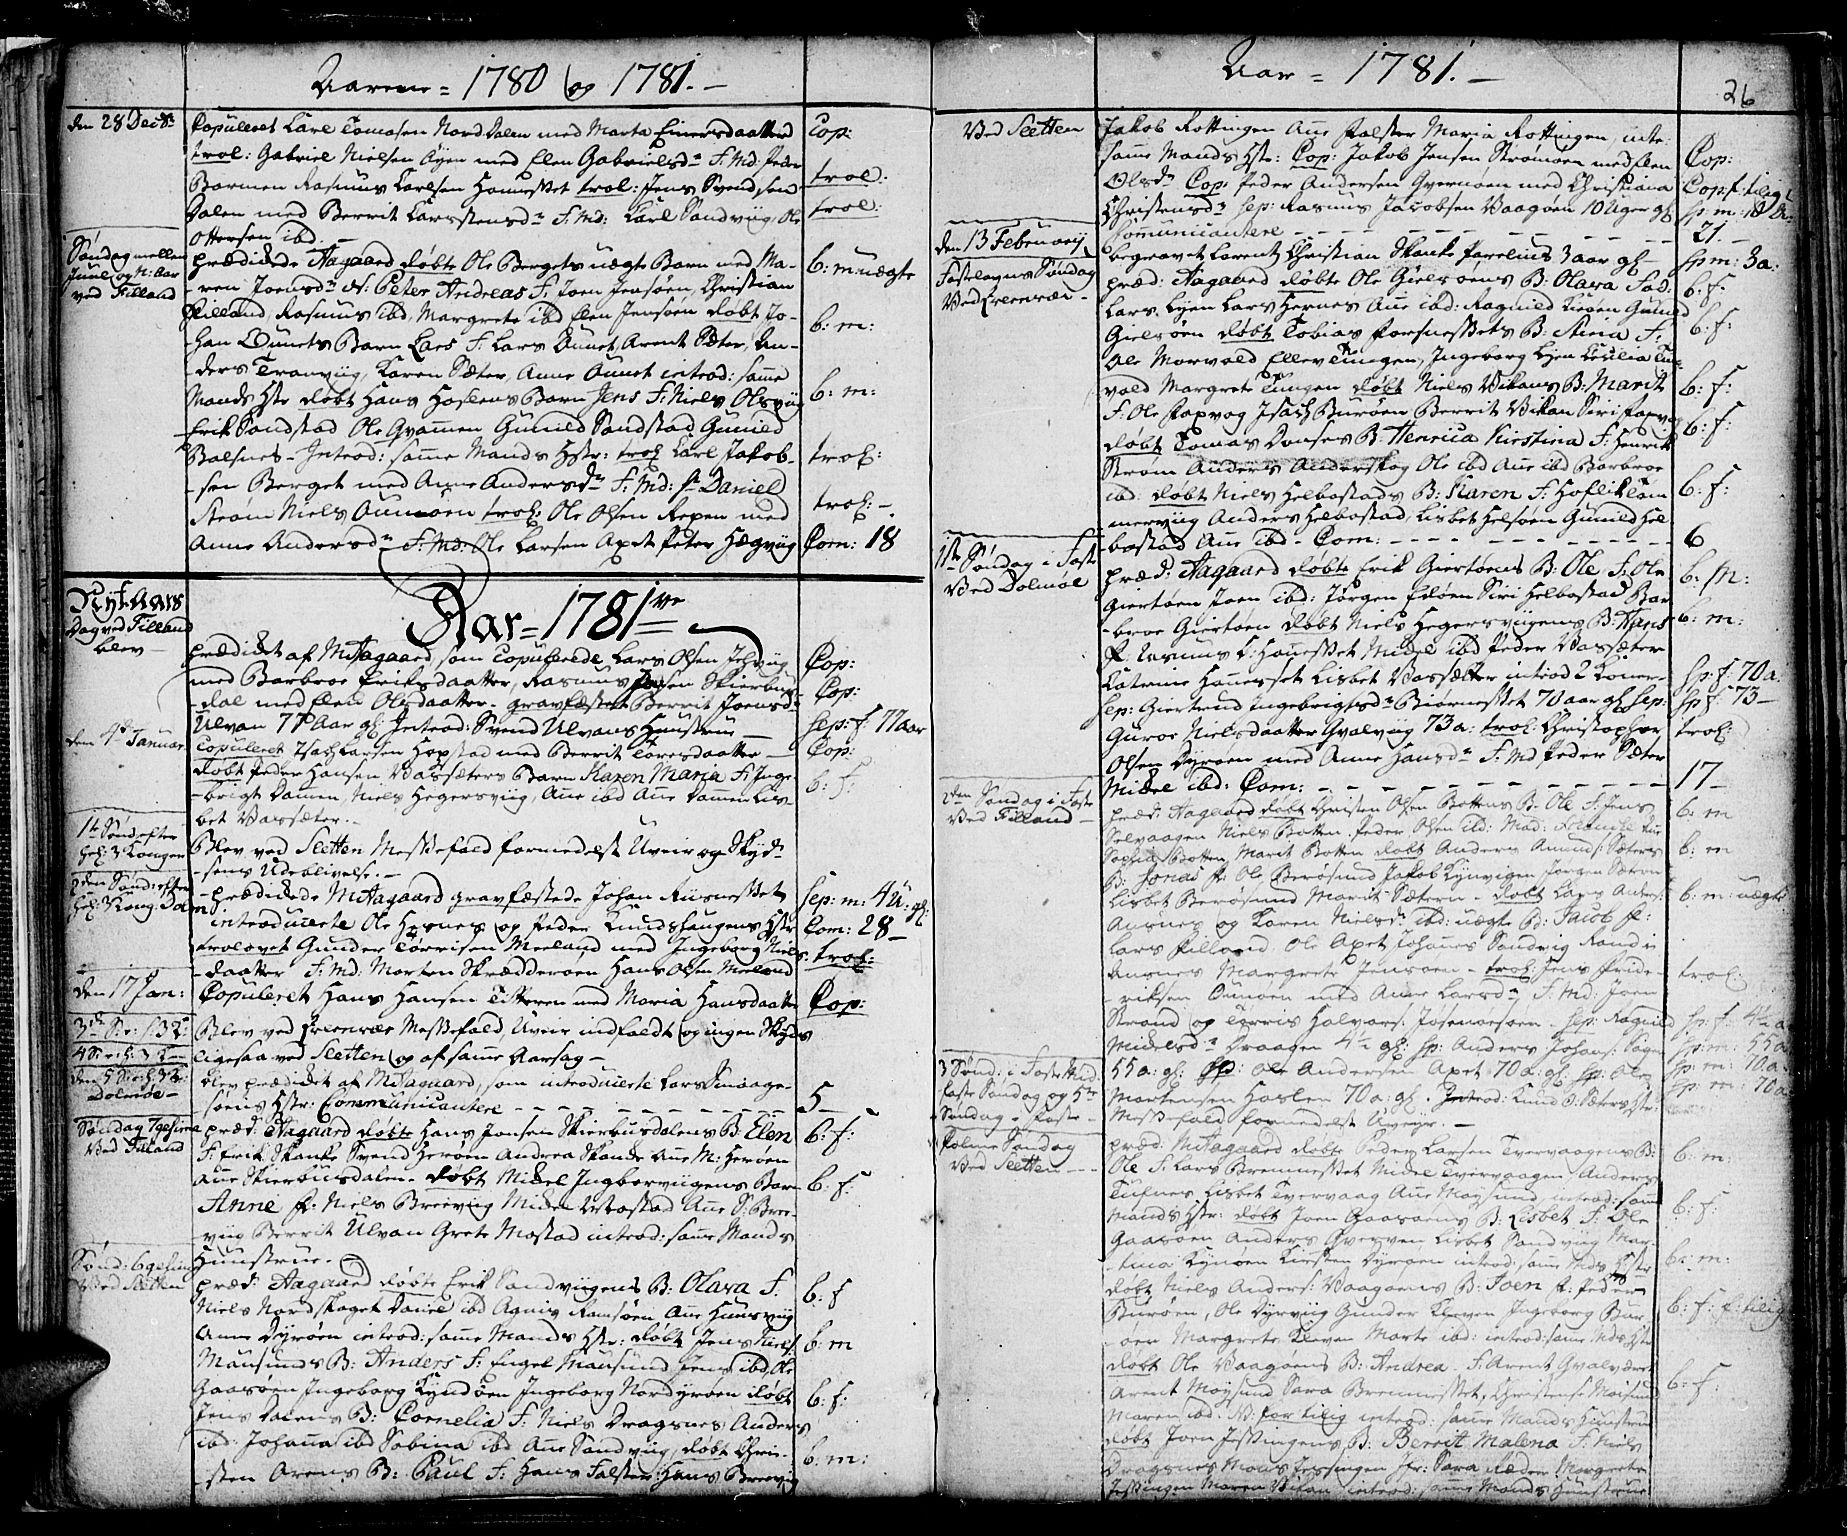 SAT, Ministerialprotokoller, klokkerbøker og fødselsregistre - Sør-Trøndelag, 634/L0526: Ministerialbok nr. 634A02, 1775-1818, s. 26